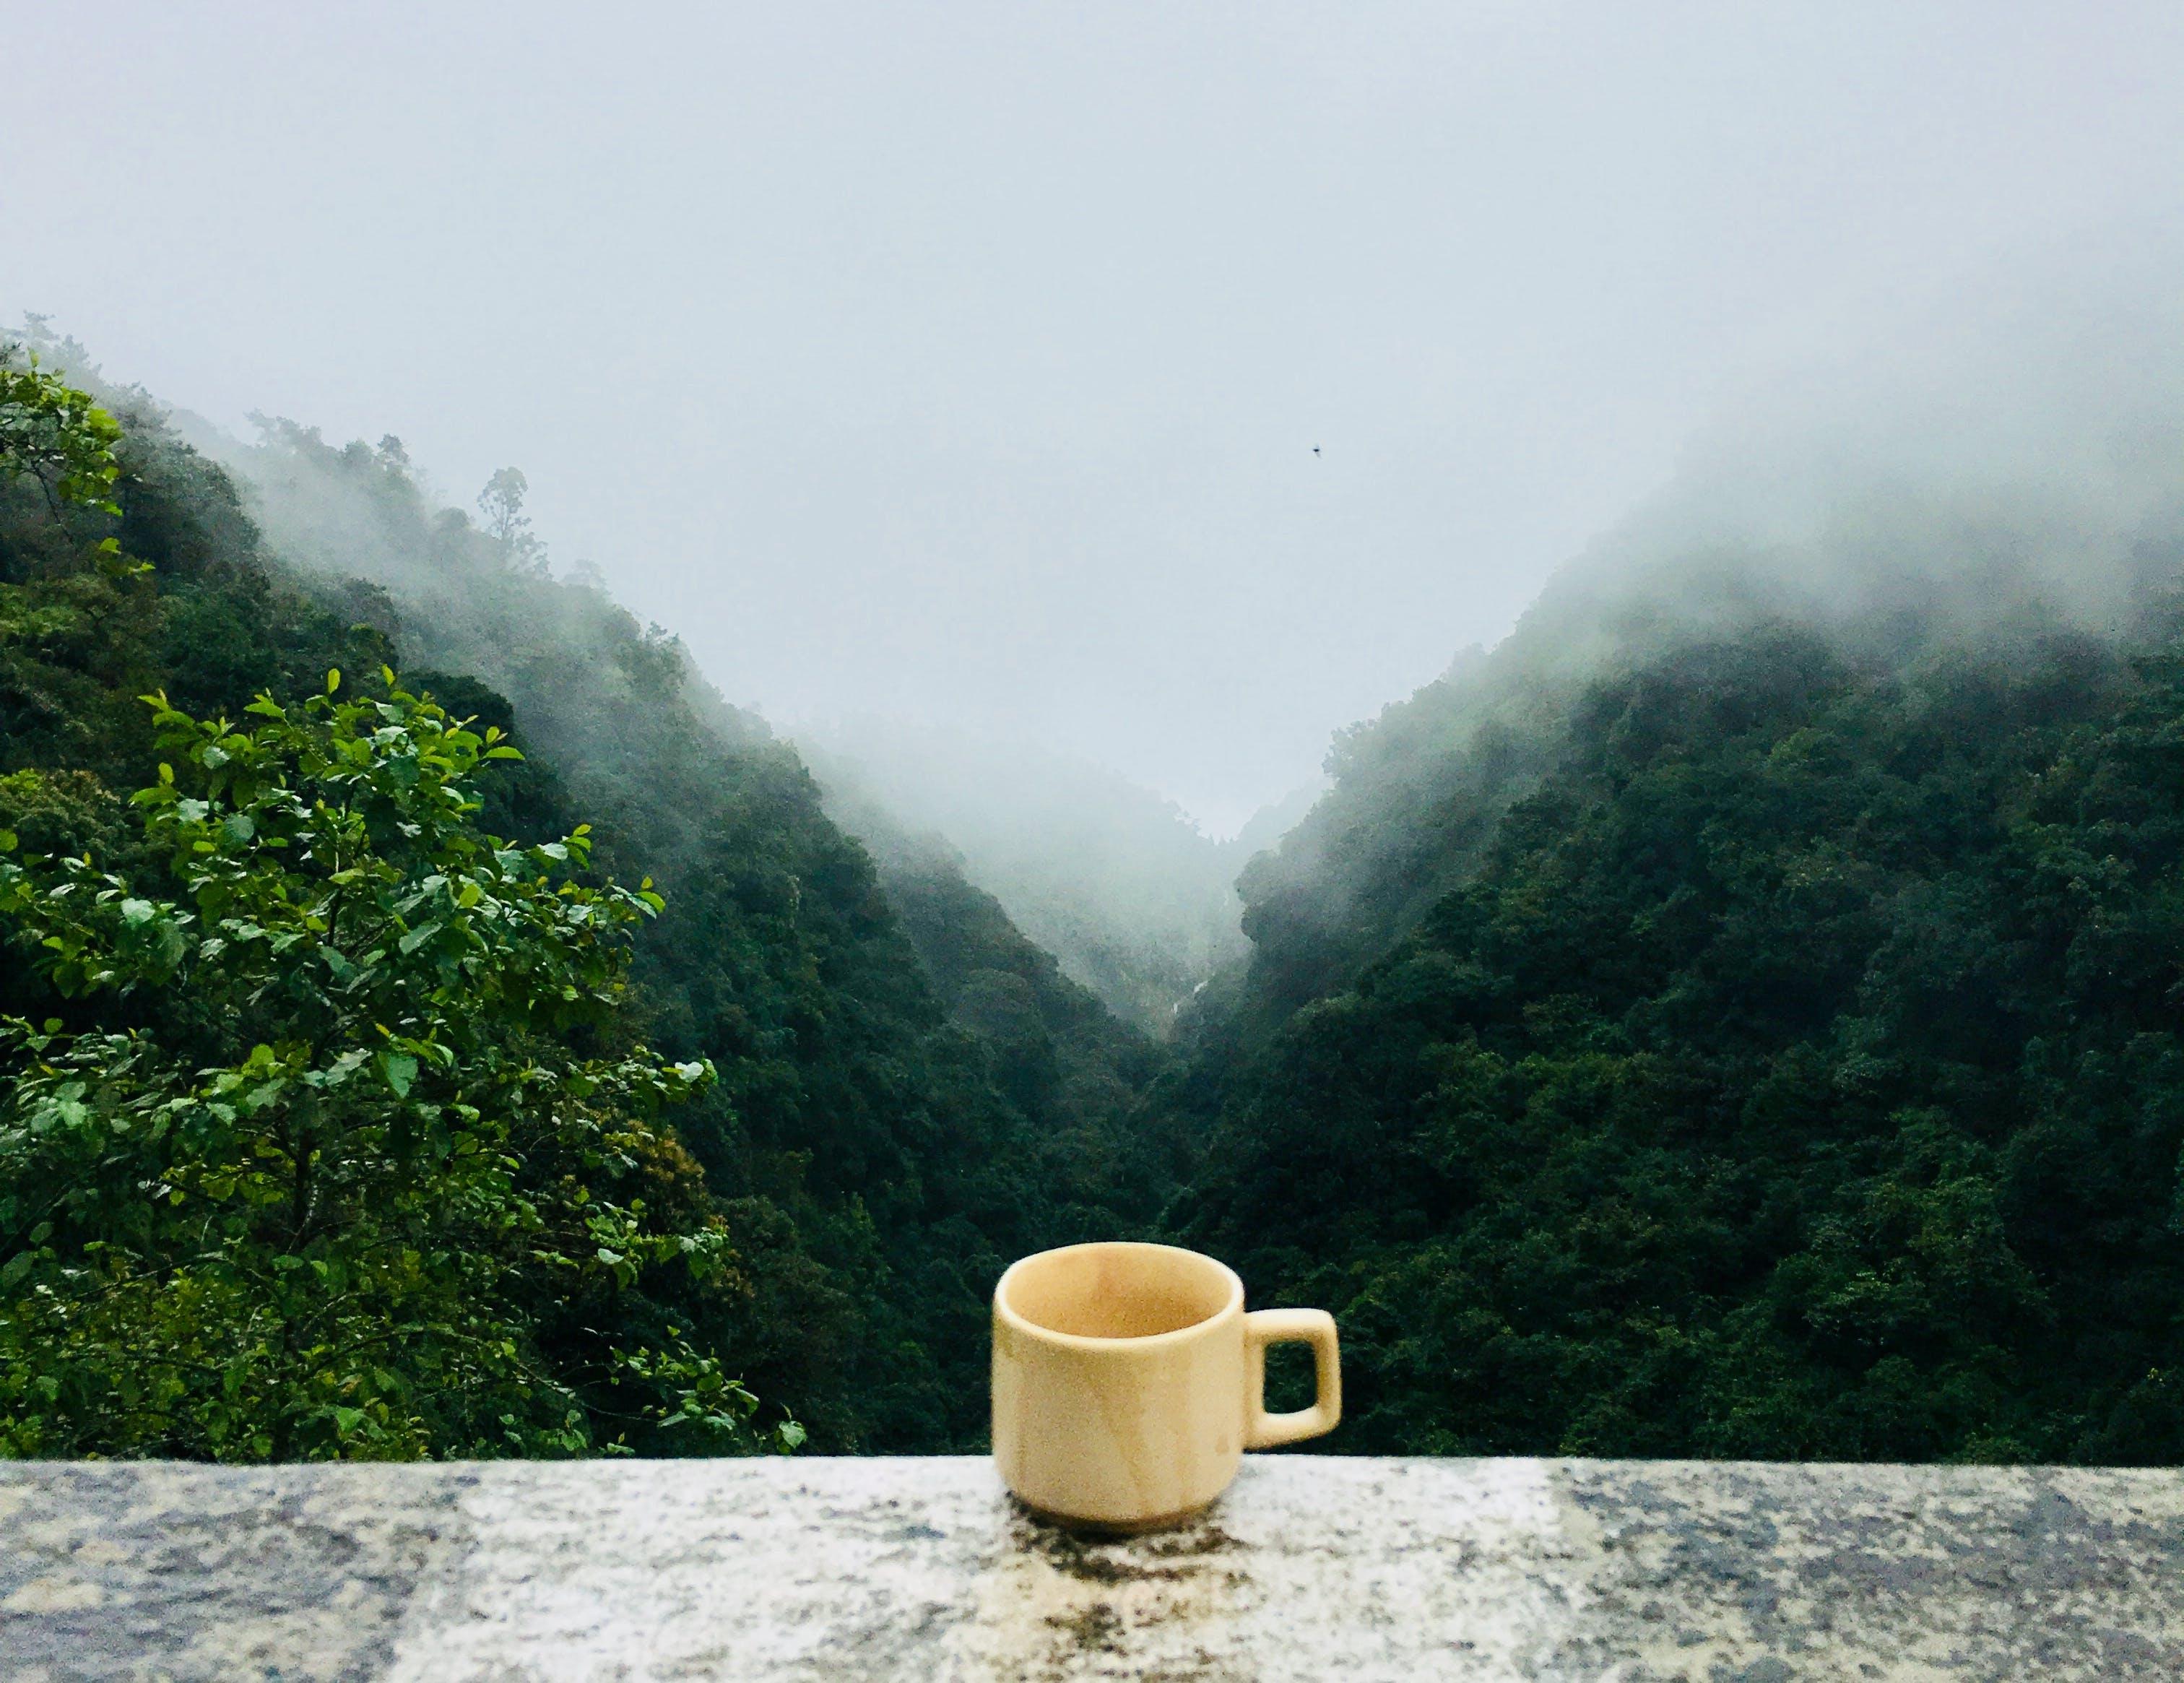 Gratis arkivbilde med drikke, fjell, kaffe, koffein